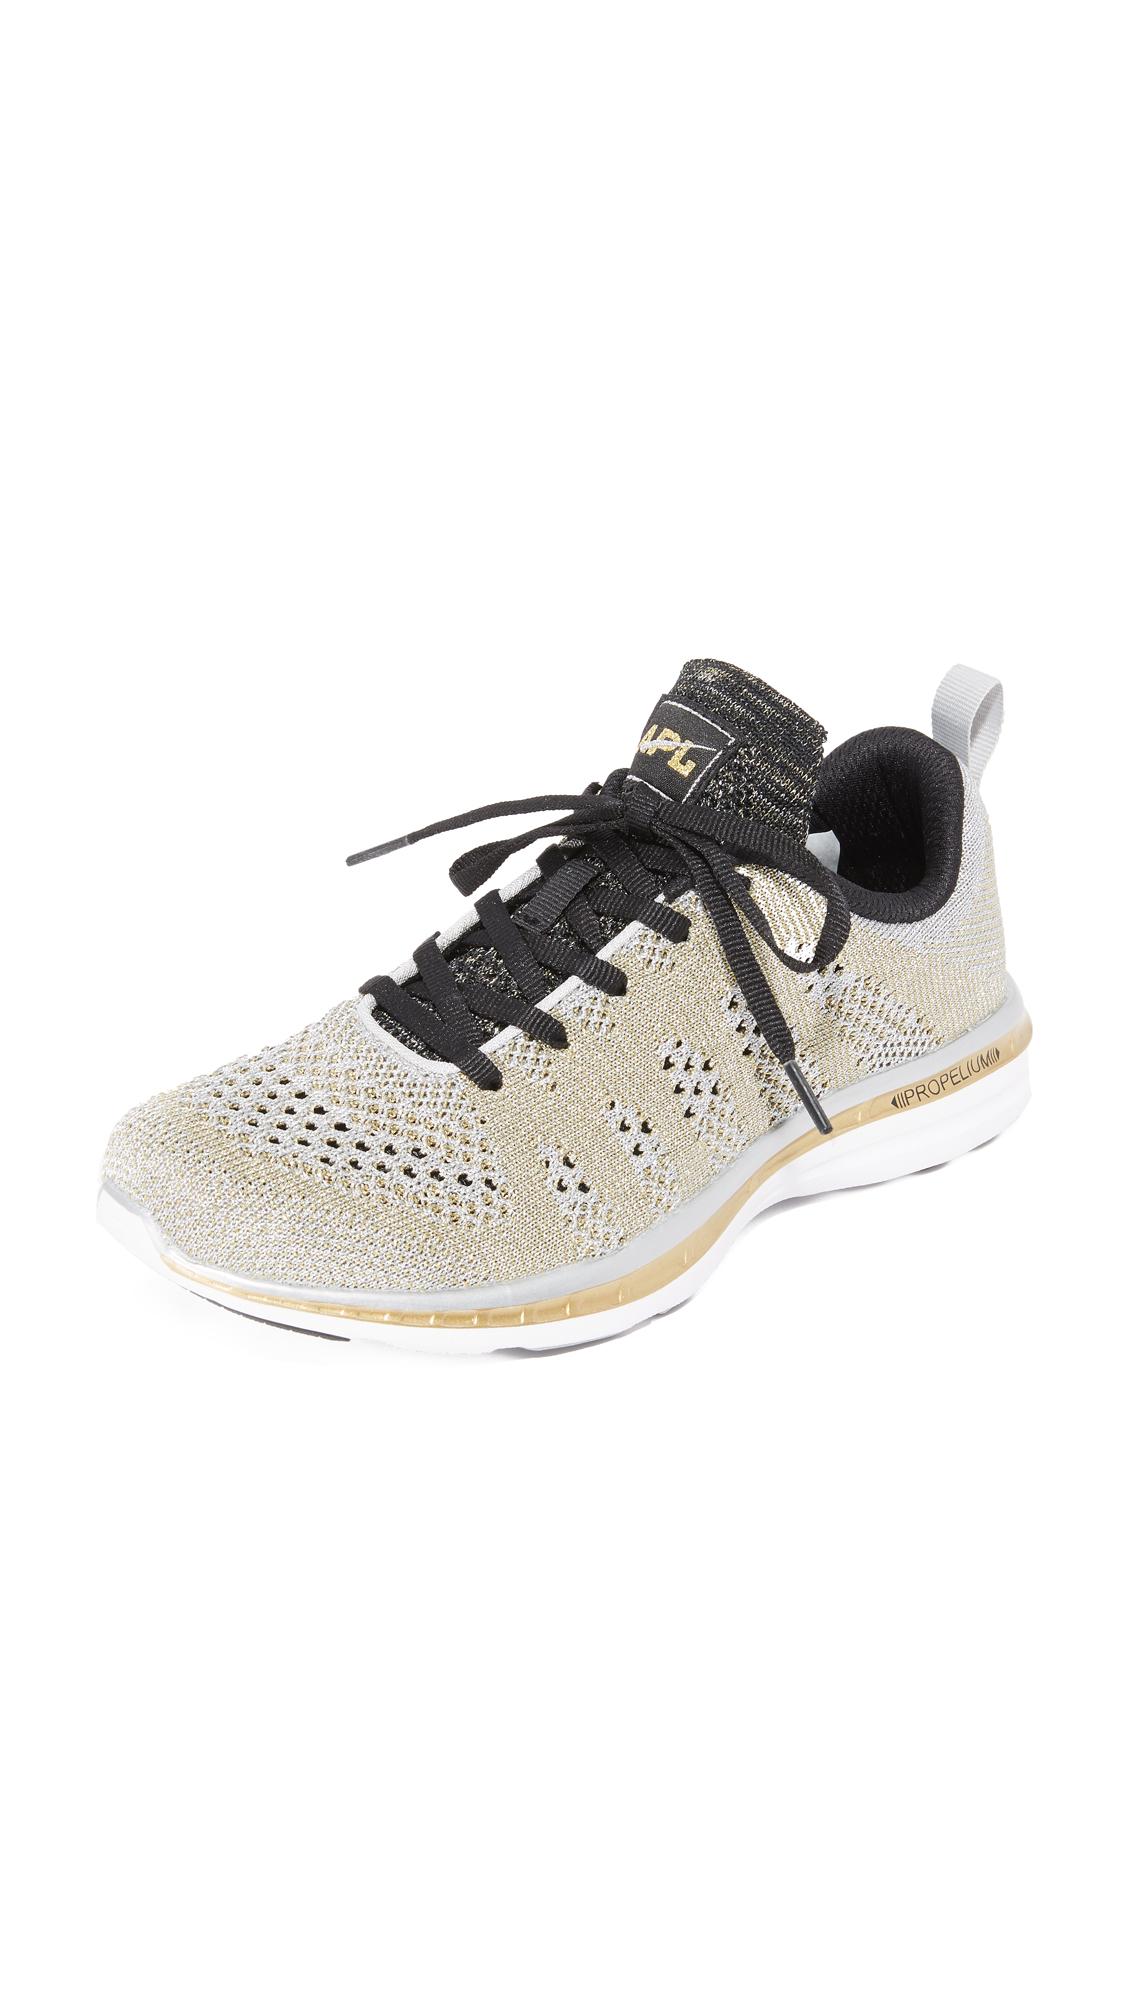 apl athletic propulsion labs female apl athletic propulsion labs techloom pro sneakers silvergoldblack